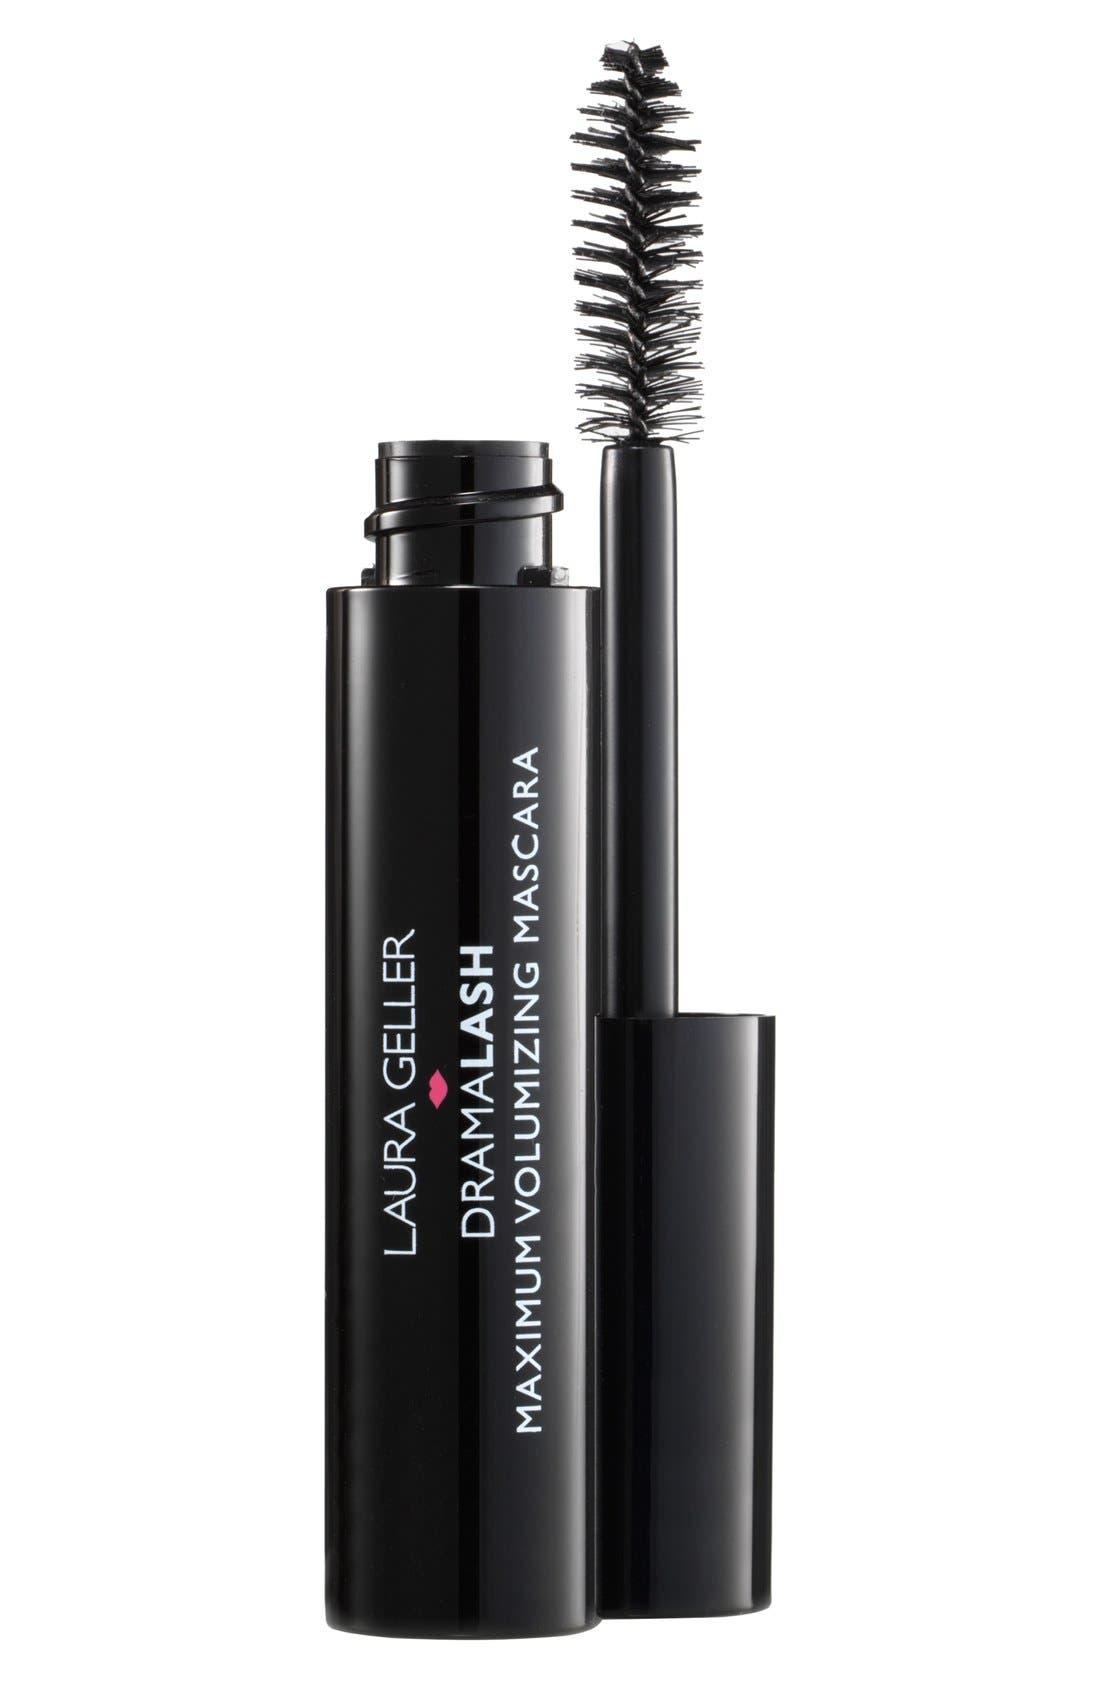 Laura Geller Beauty 'DramaLASH' Maximum Volumizing Mascara